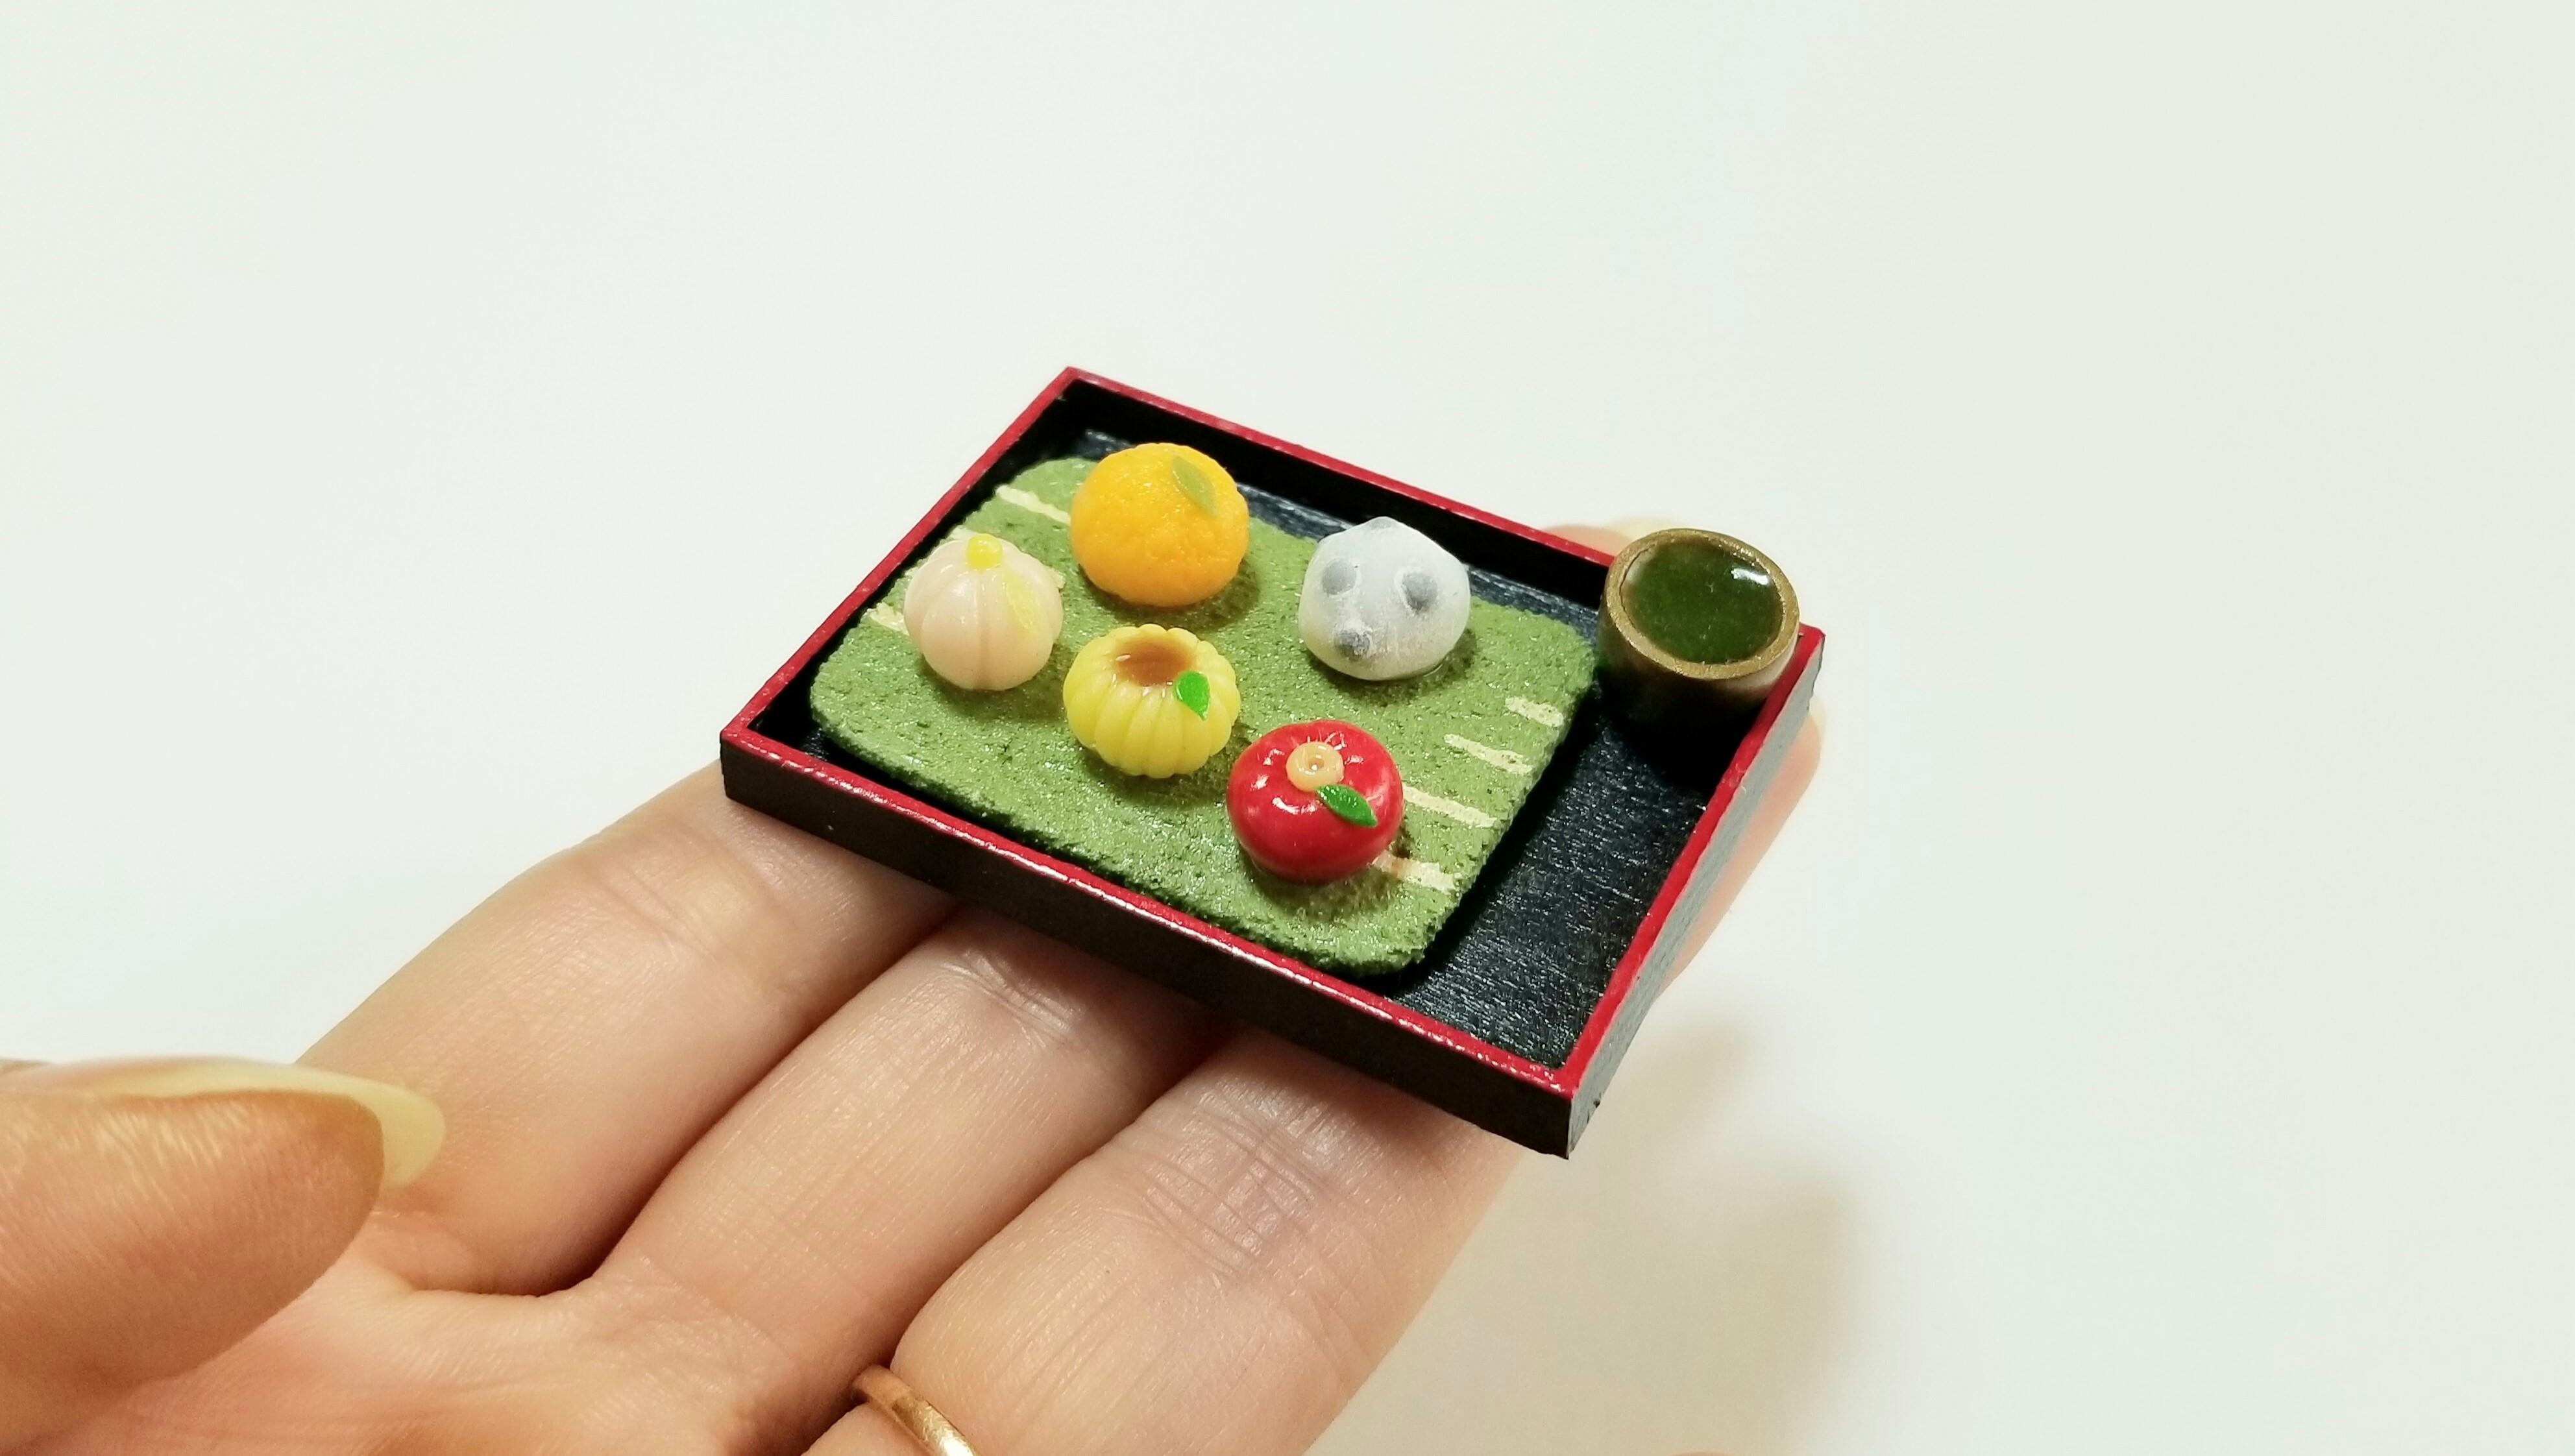 ミニチュアフードリアル小さな世界和菓子大福練り切りアート人気小物